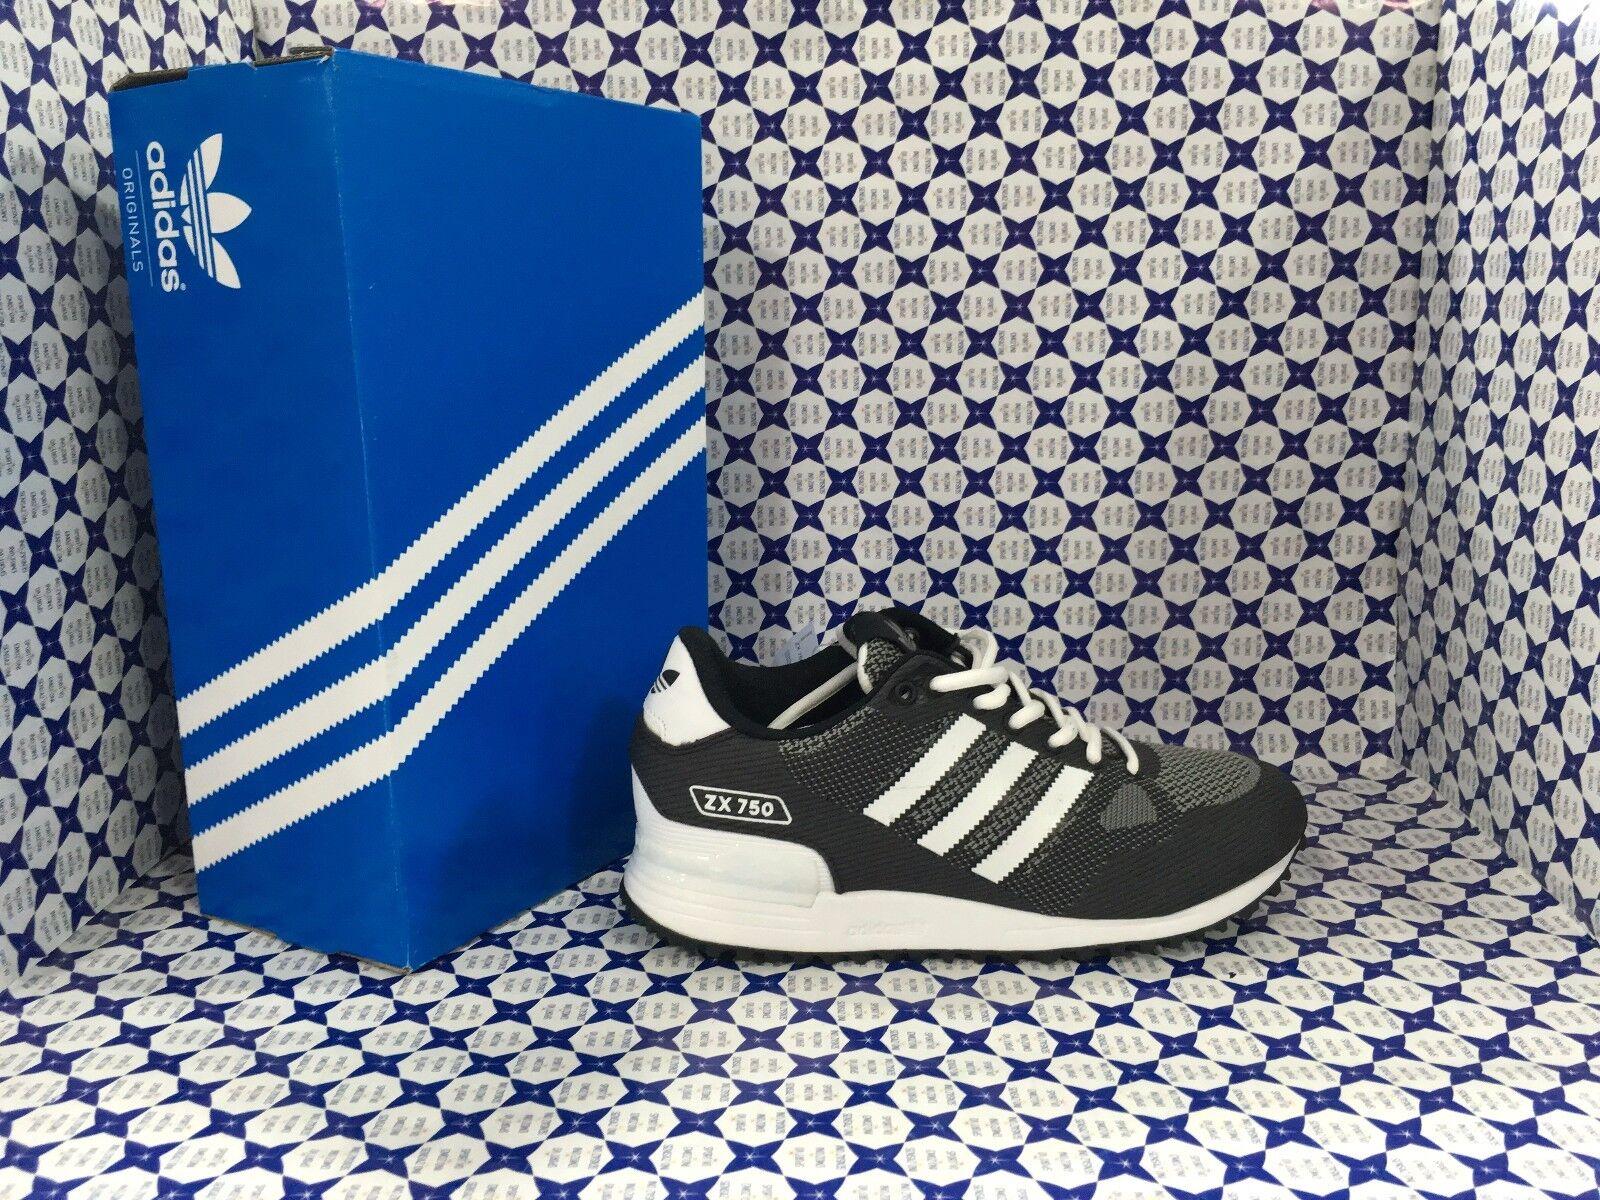 Scarpe Adidas Adidas Adidas Originals ZX 750 WV Uomo scarpe da ginnastica - Antracite Bianco - BB1222 fe99e5